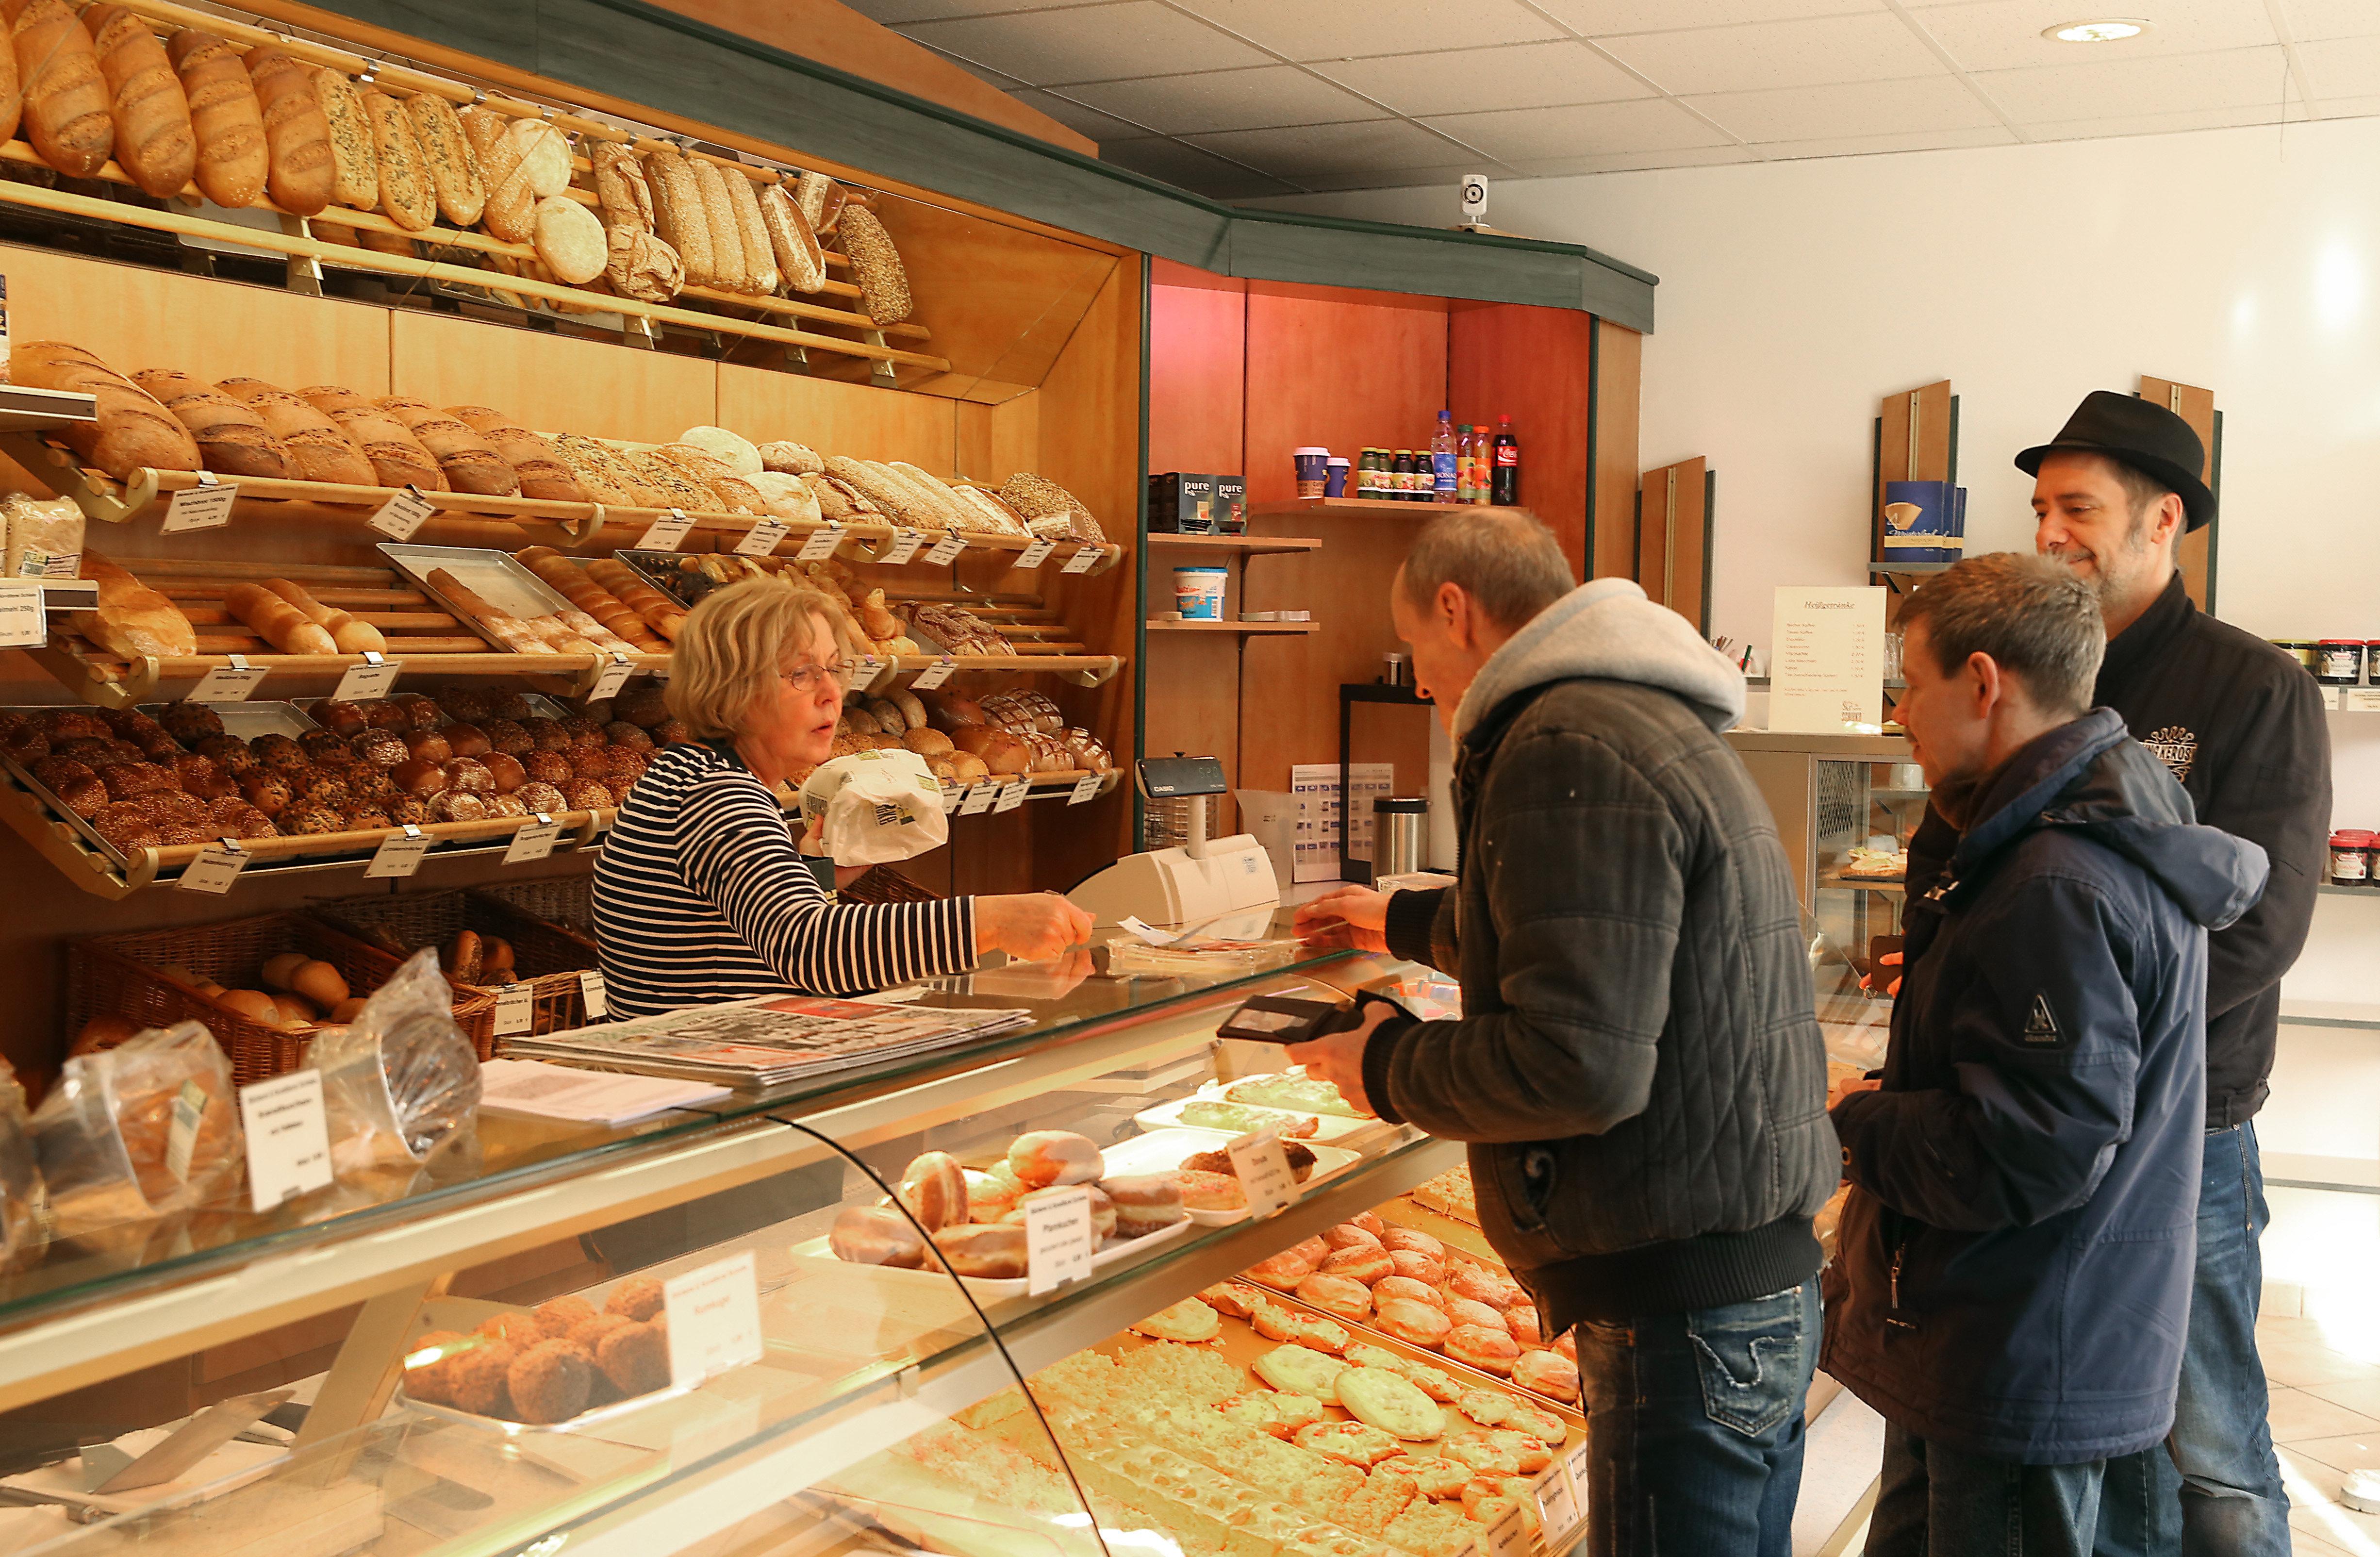 Bäckerei-Experte: Deshalb ist das Arbeiten mit Handschuhen